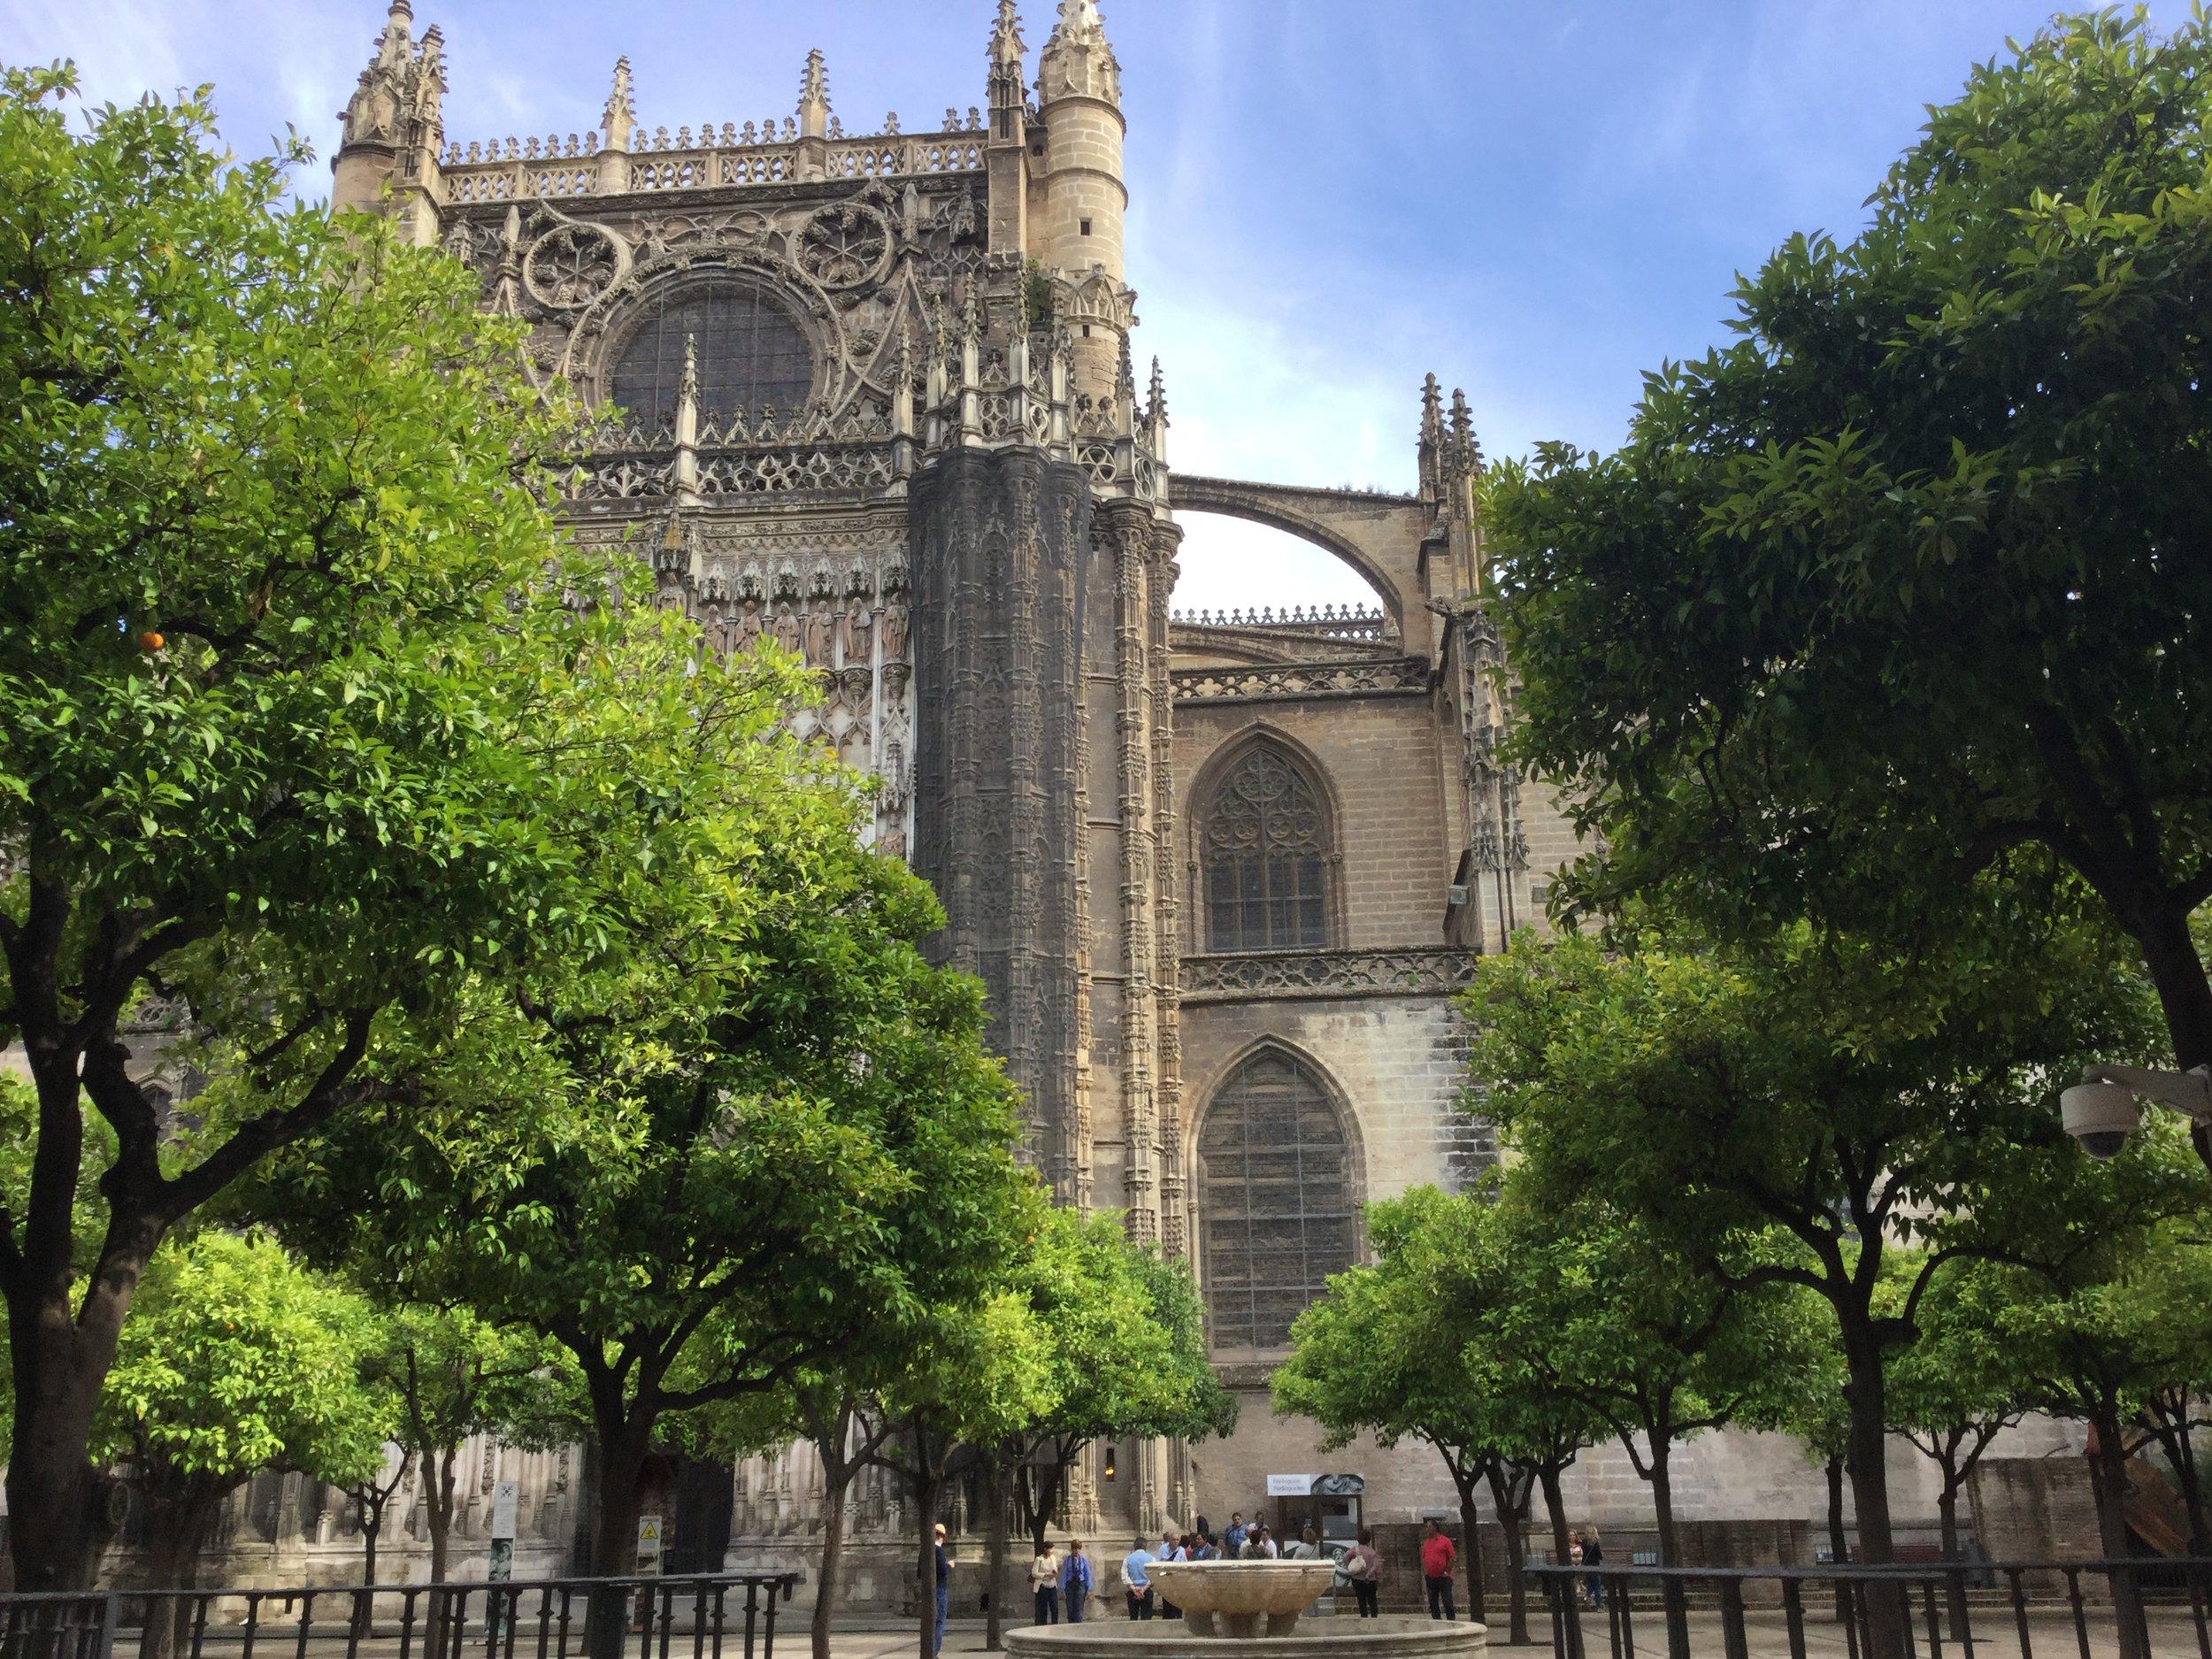 El patio de los naranjas at the cathedral.